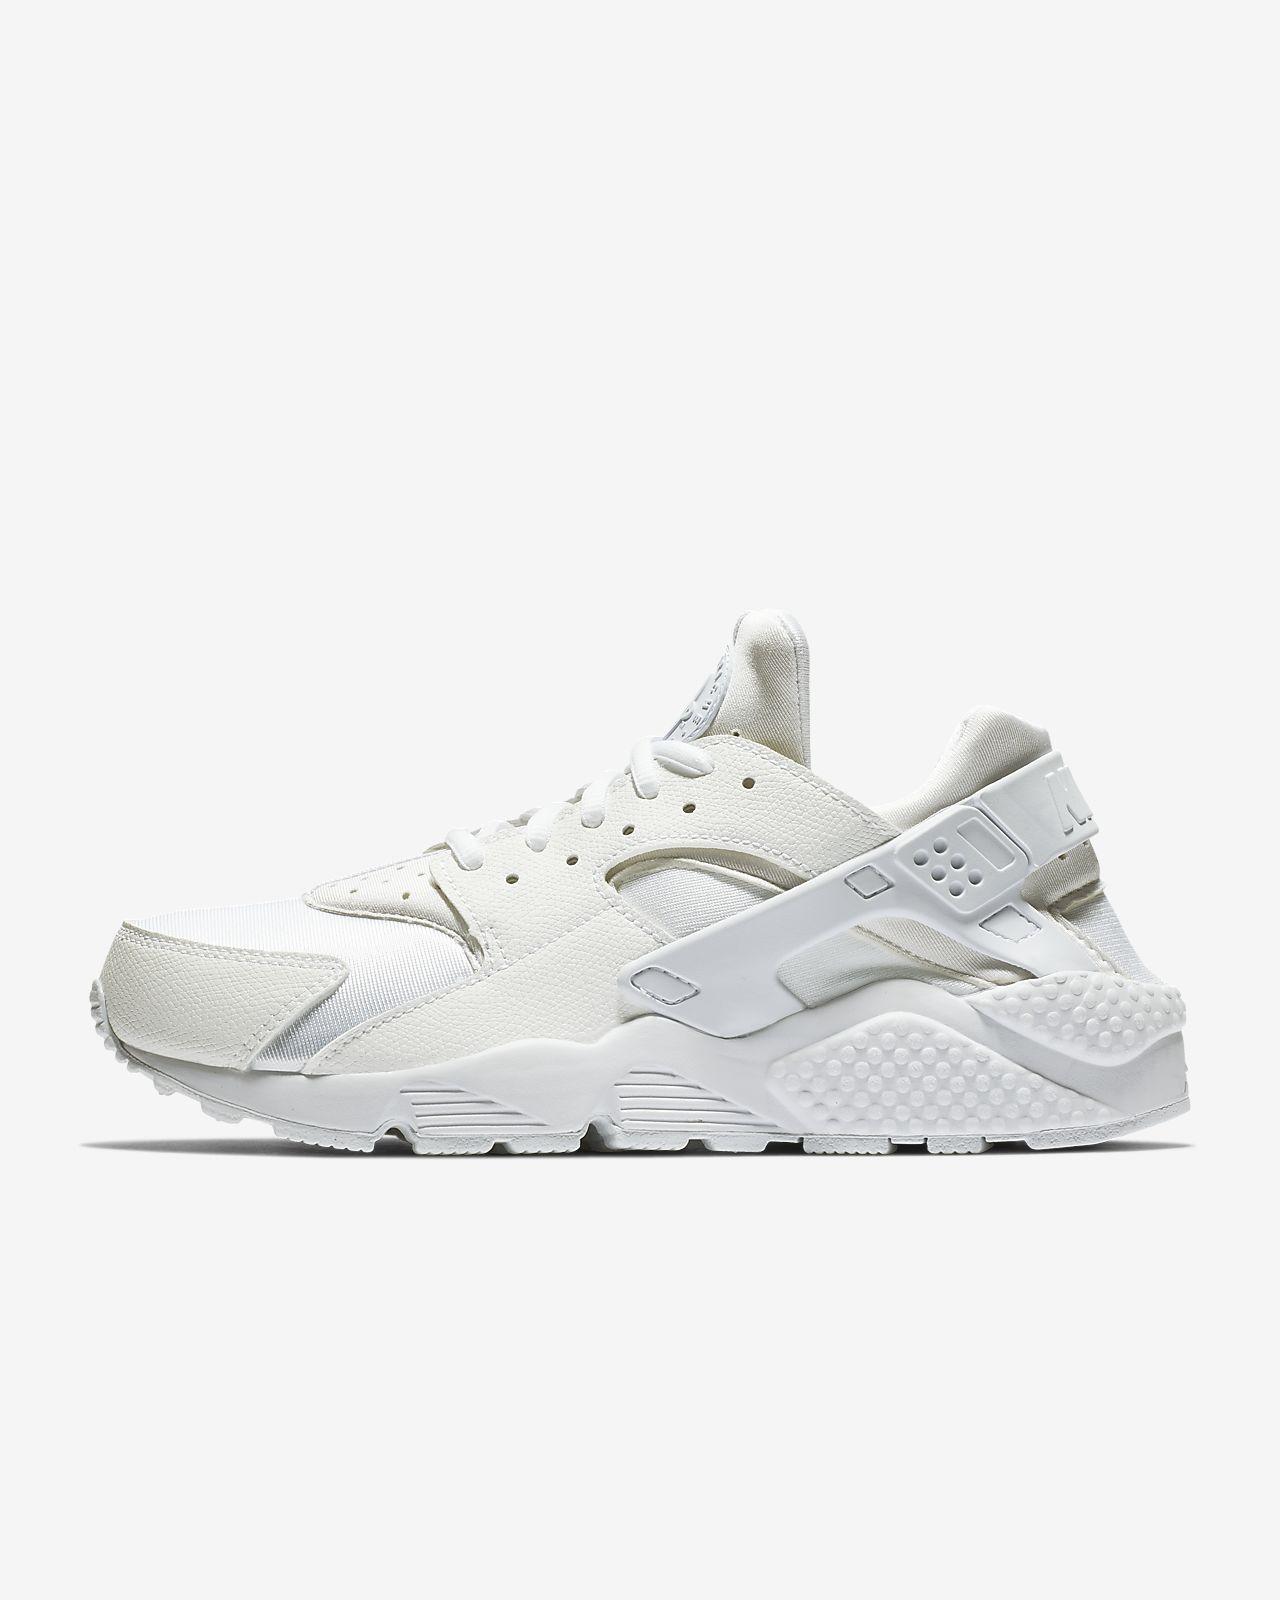 separation shoes 0f5ba 035e6 ... run ultra 39973g ae9ec def0c  release date nike air huarache damesko  05212 462a2